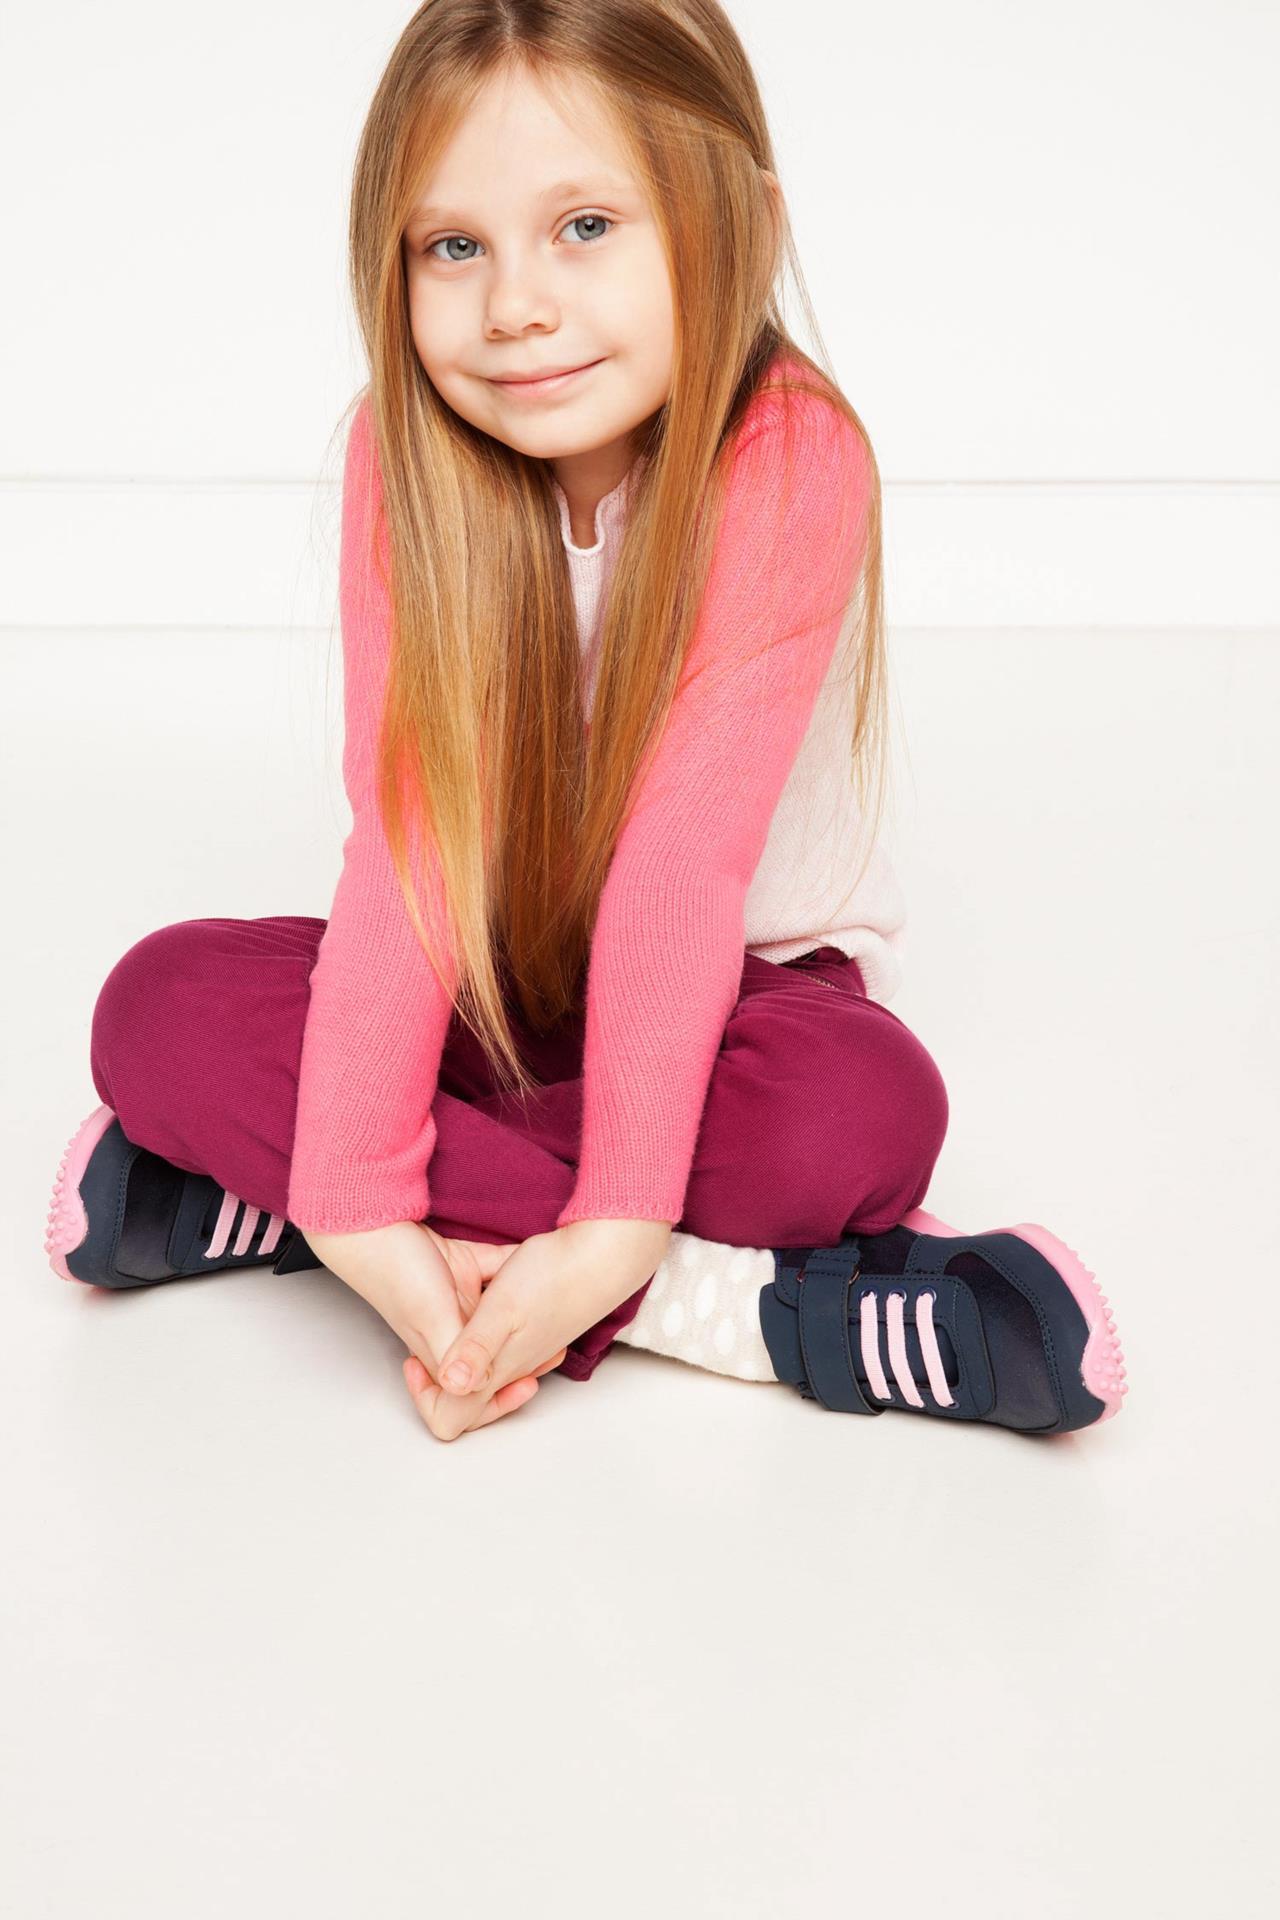 Çocuk Mankenlerimiz Defacto Kataloðunda - IMC AJANS